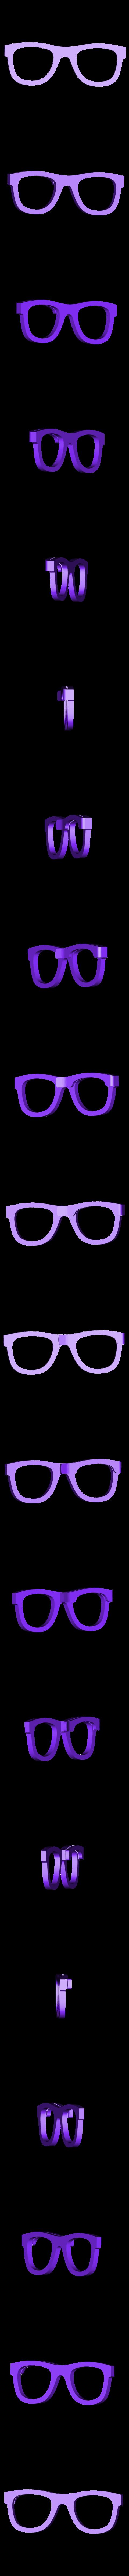 glasses_clip_support.stl Télécharger fichier STL Pince à cheveux en forme de lunettes • Modèle à imprimer en 3D, WallTosh